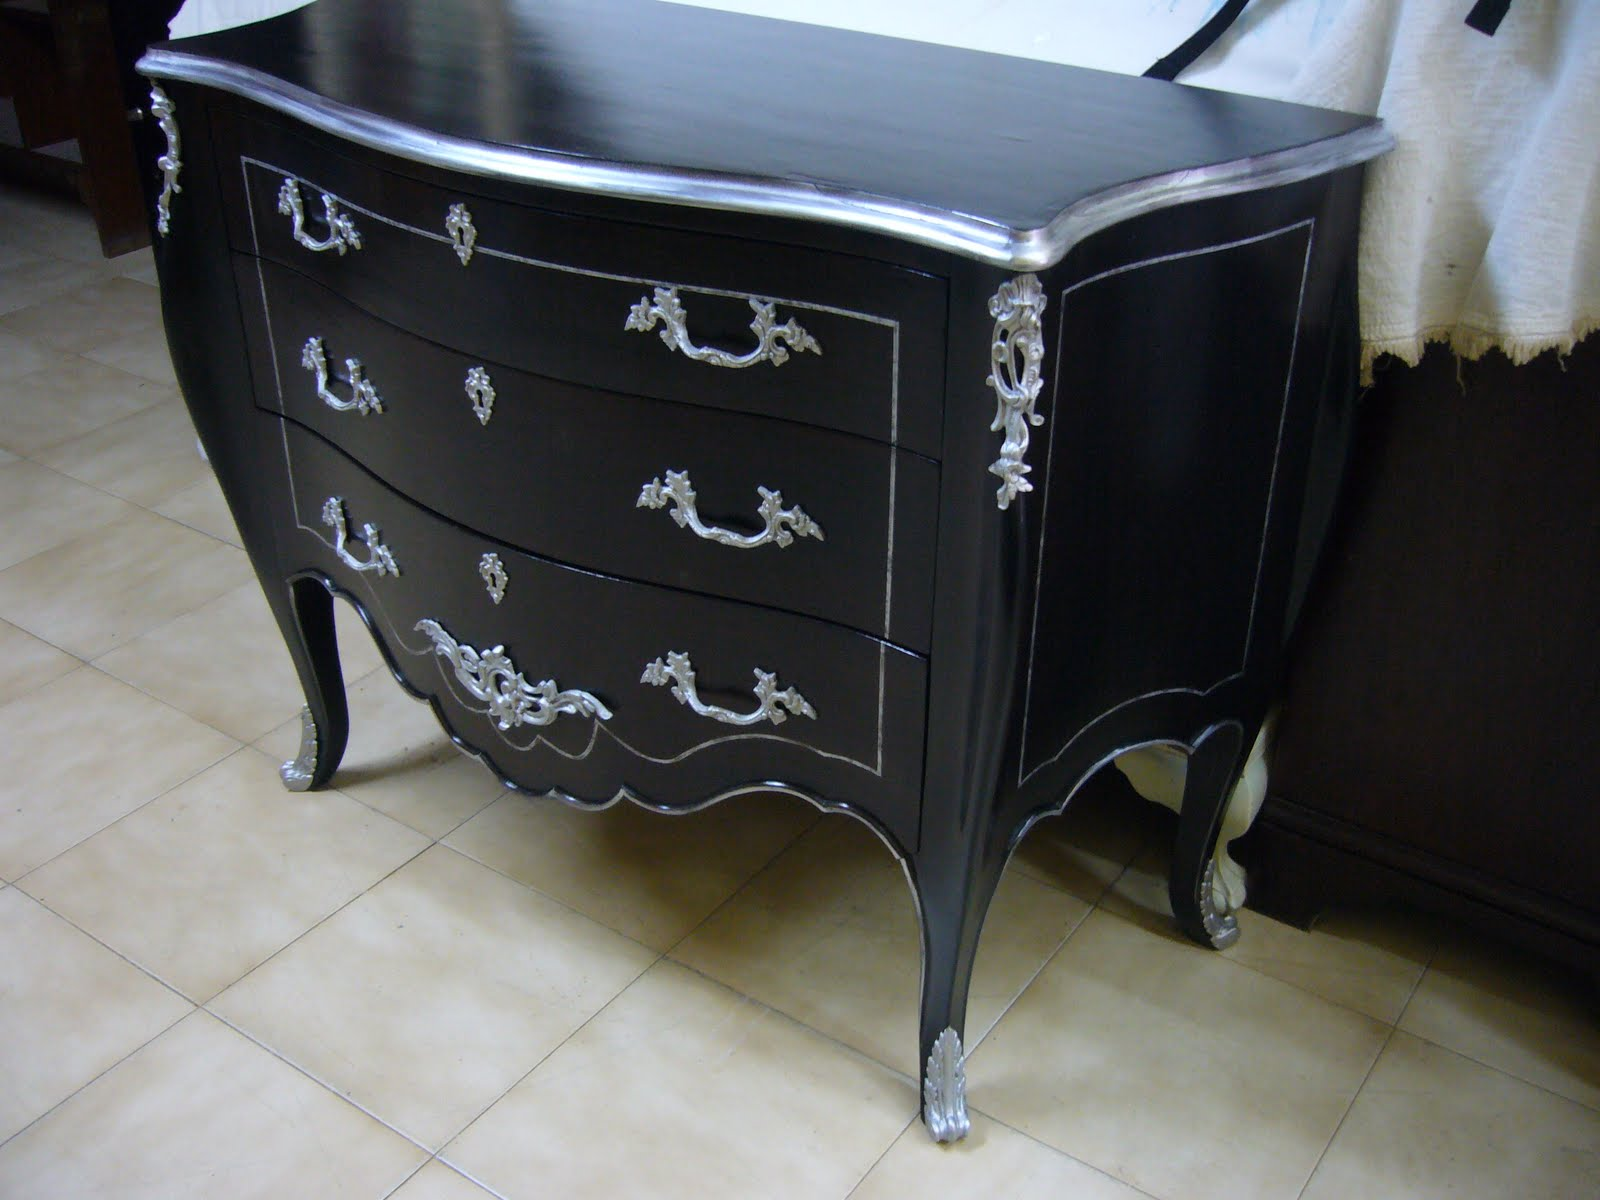 C moda reciclada la restauradora de la laguna - Muebles pintados en plata ...